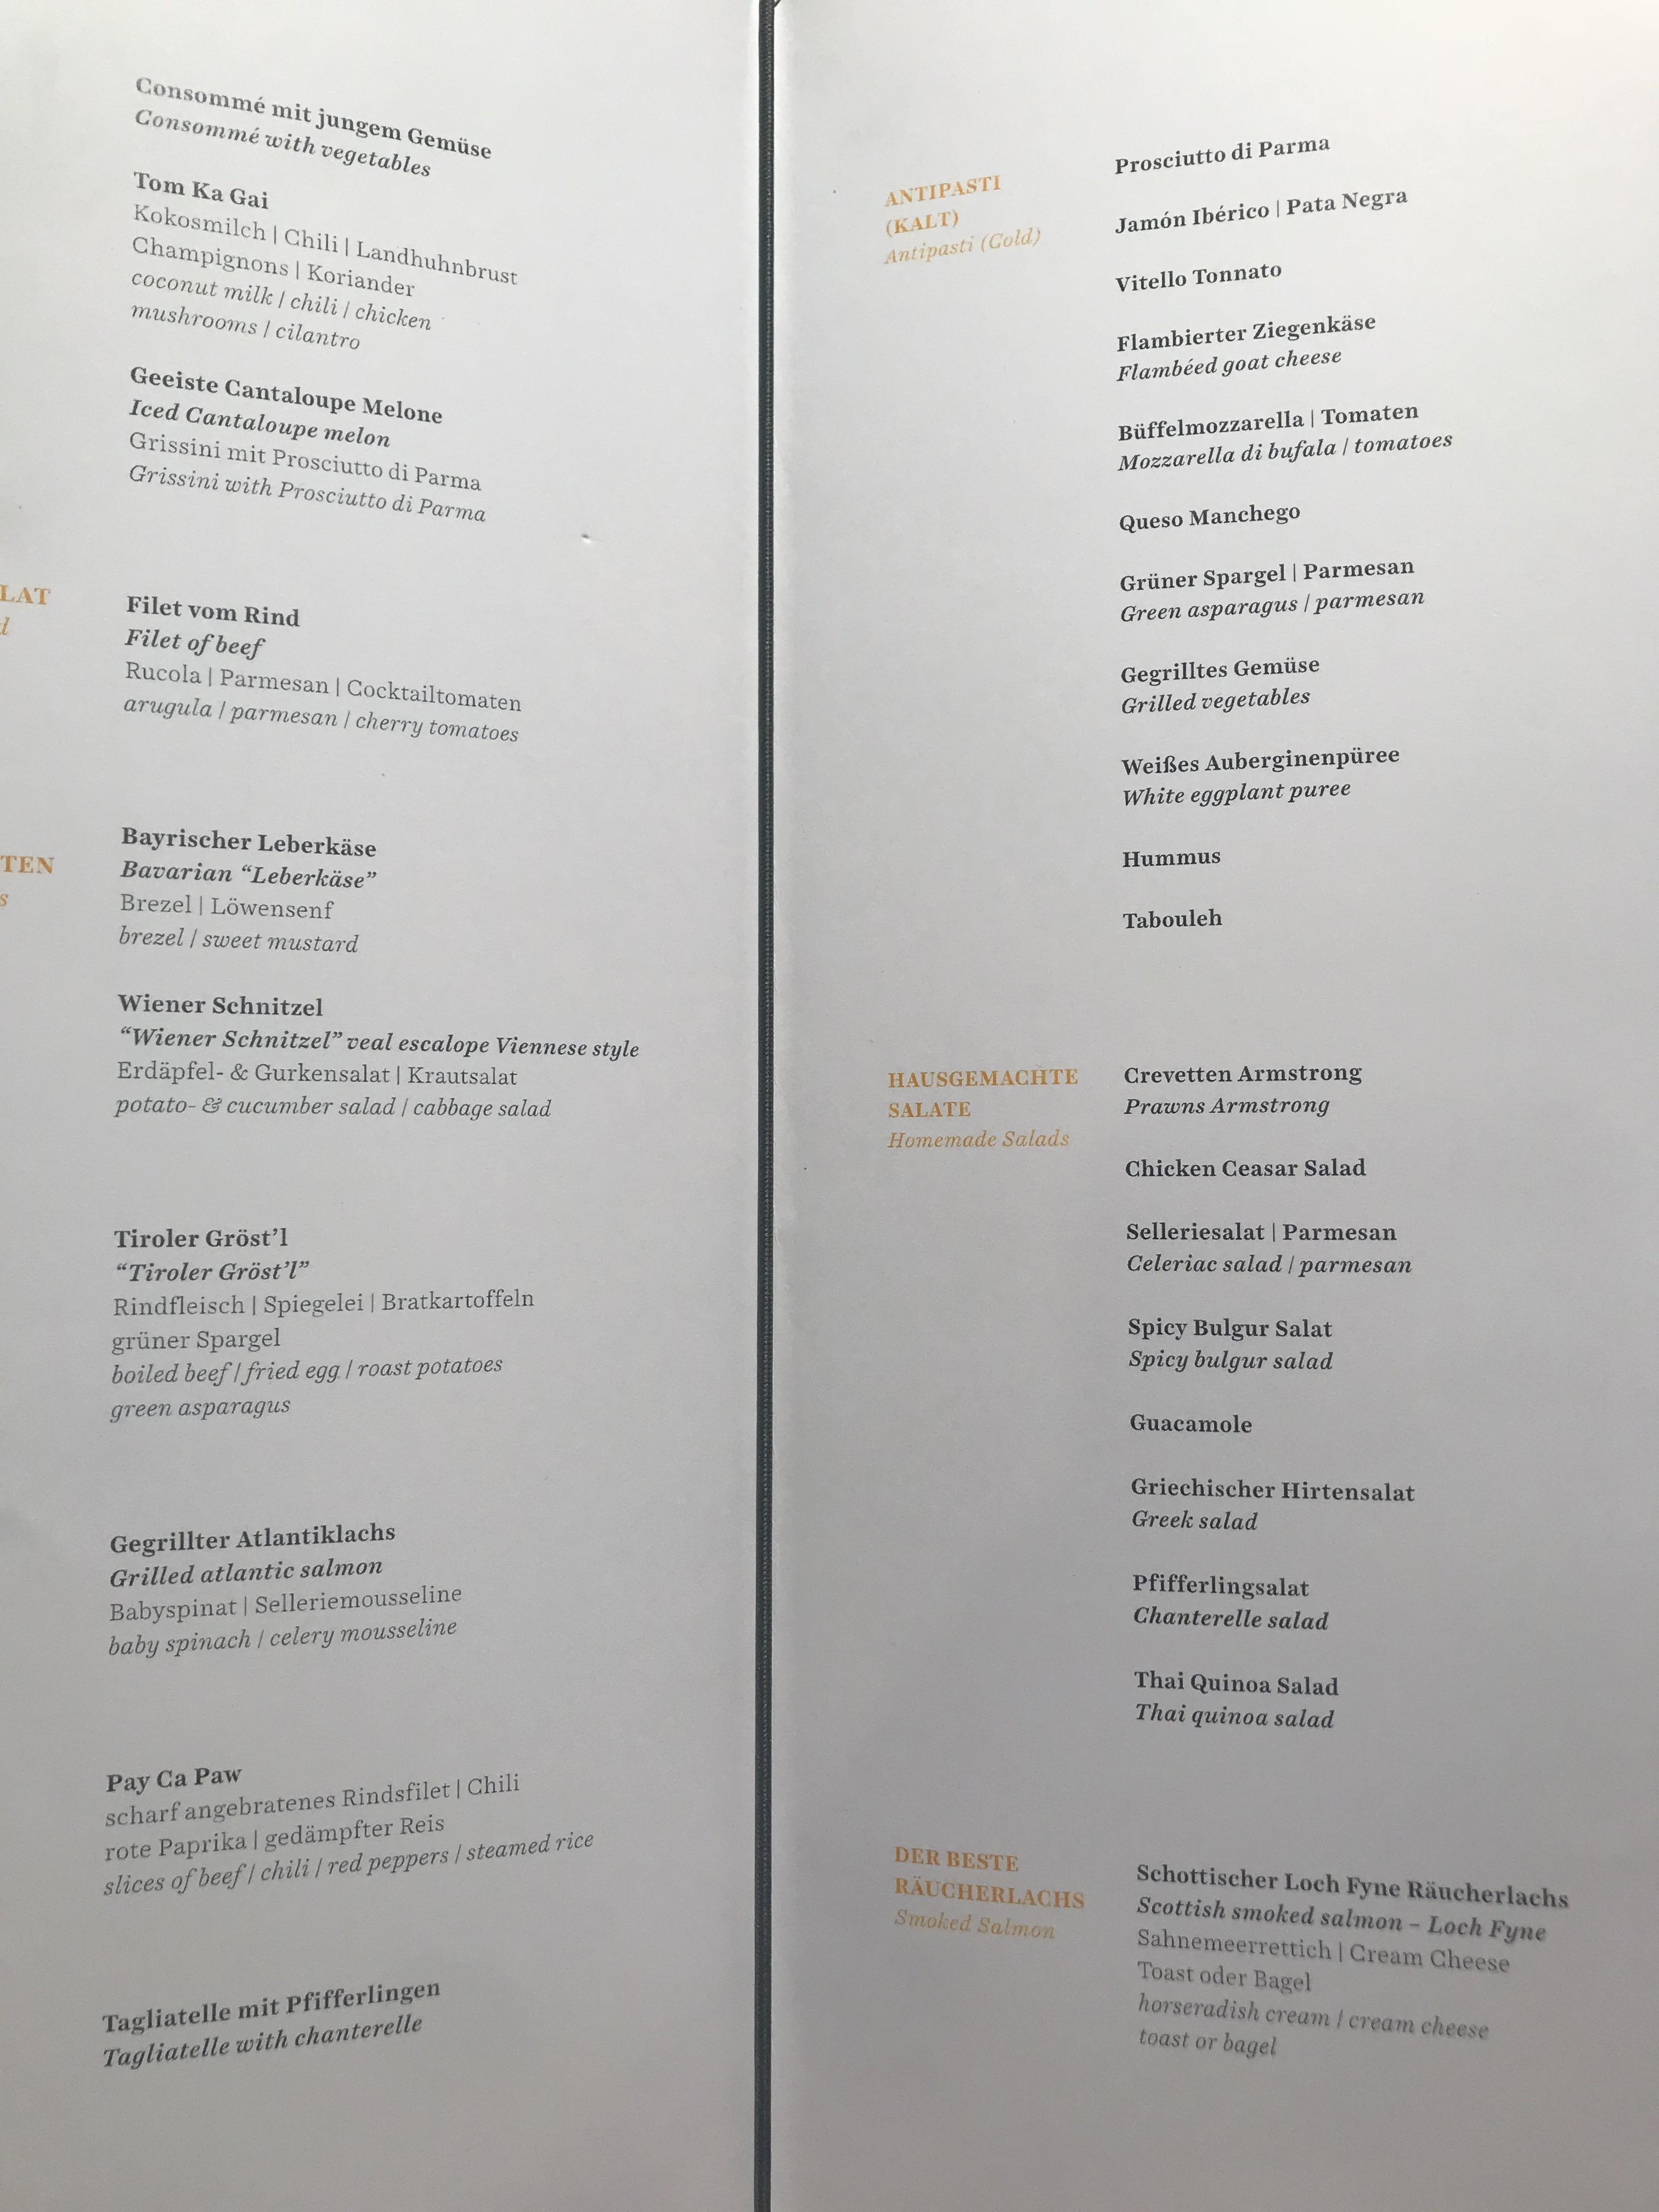 Lounge menu